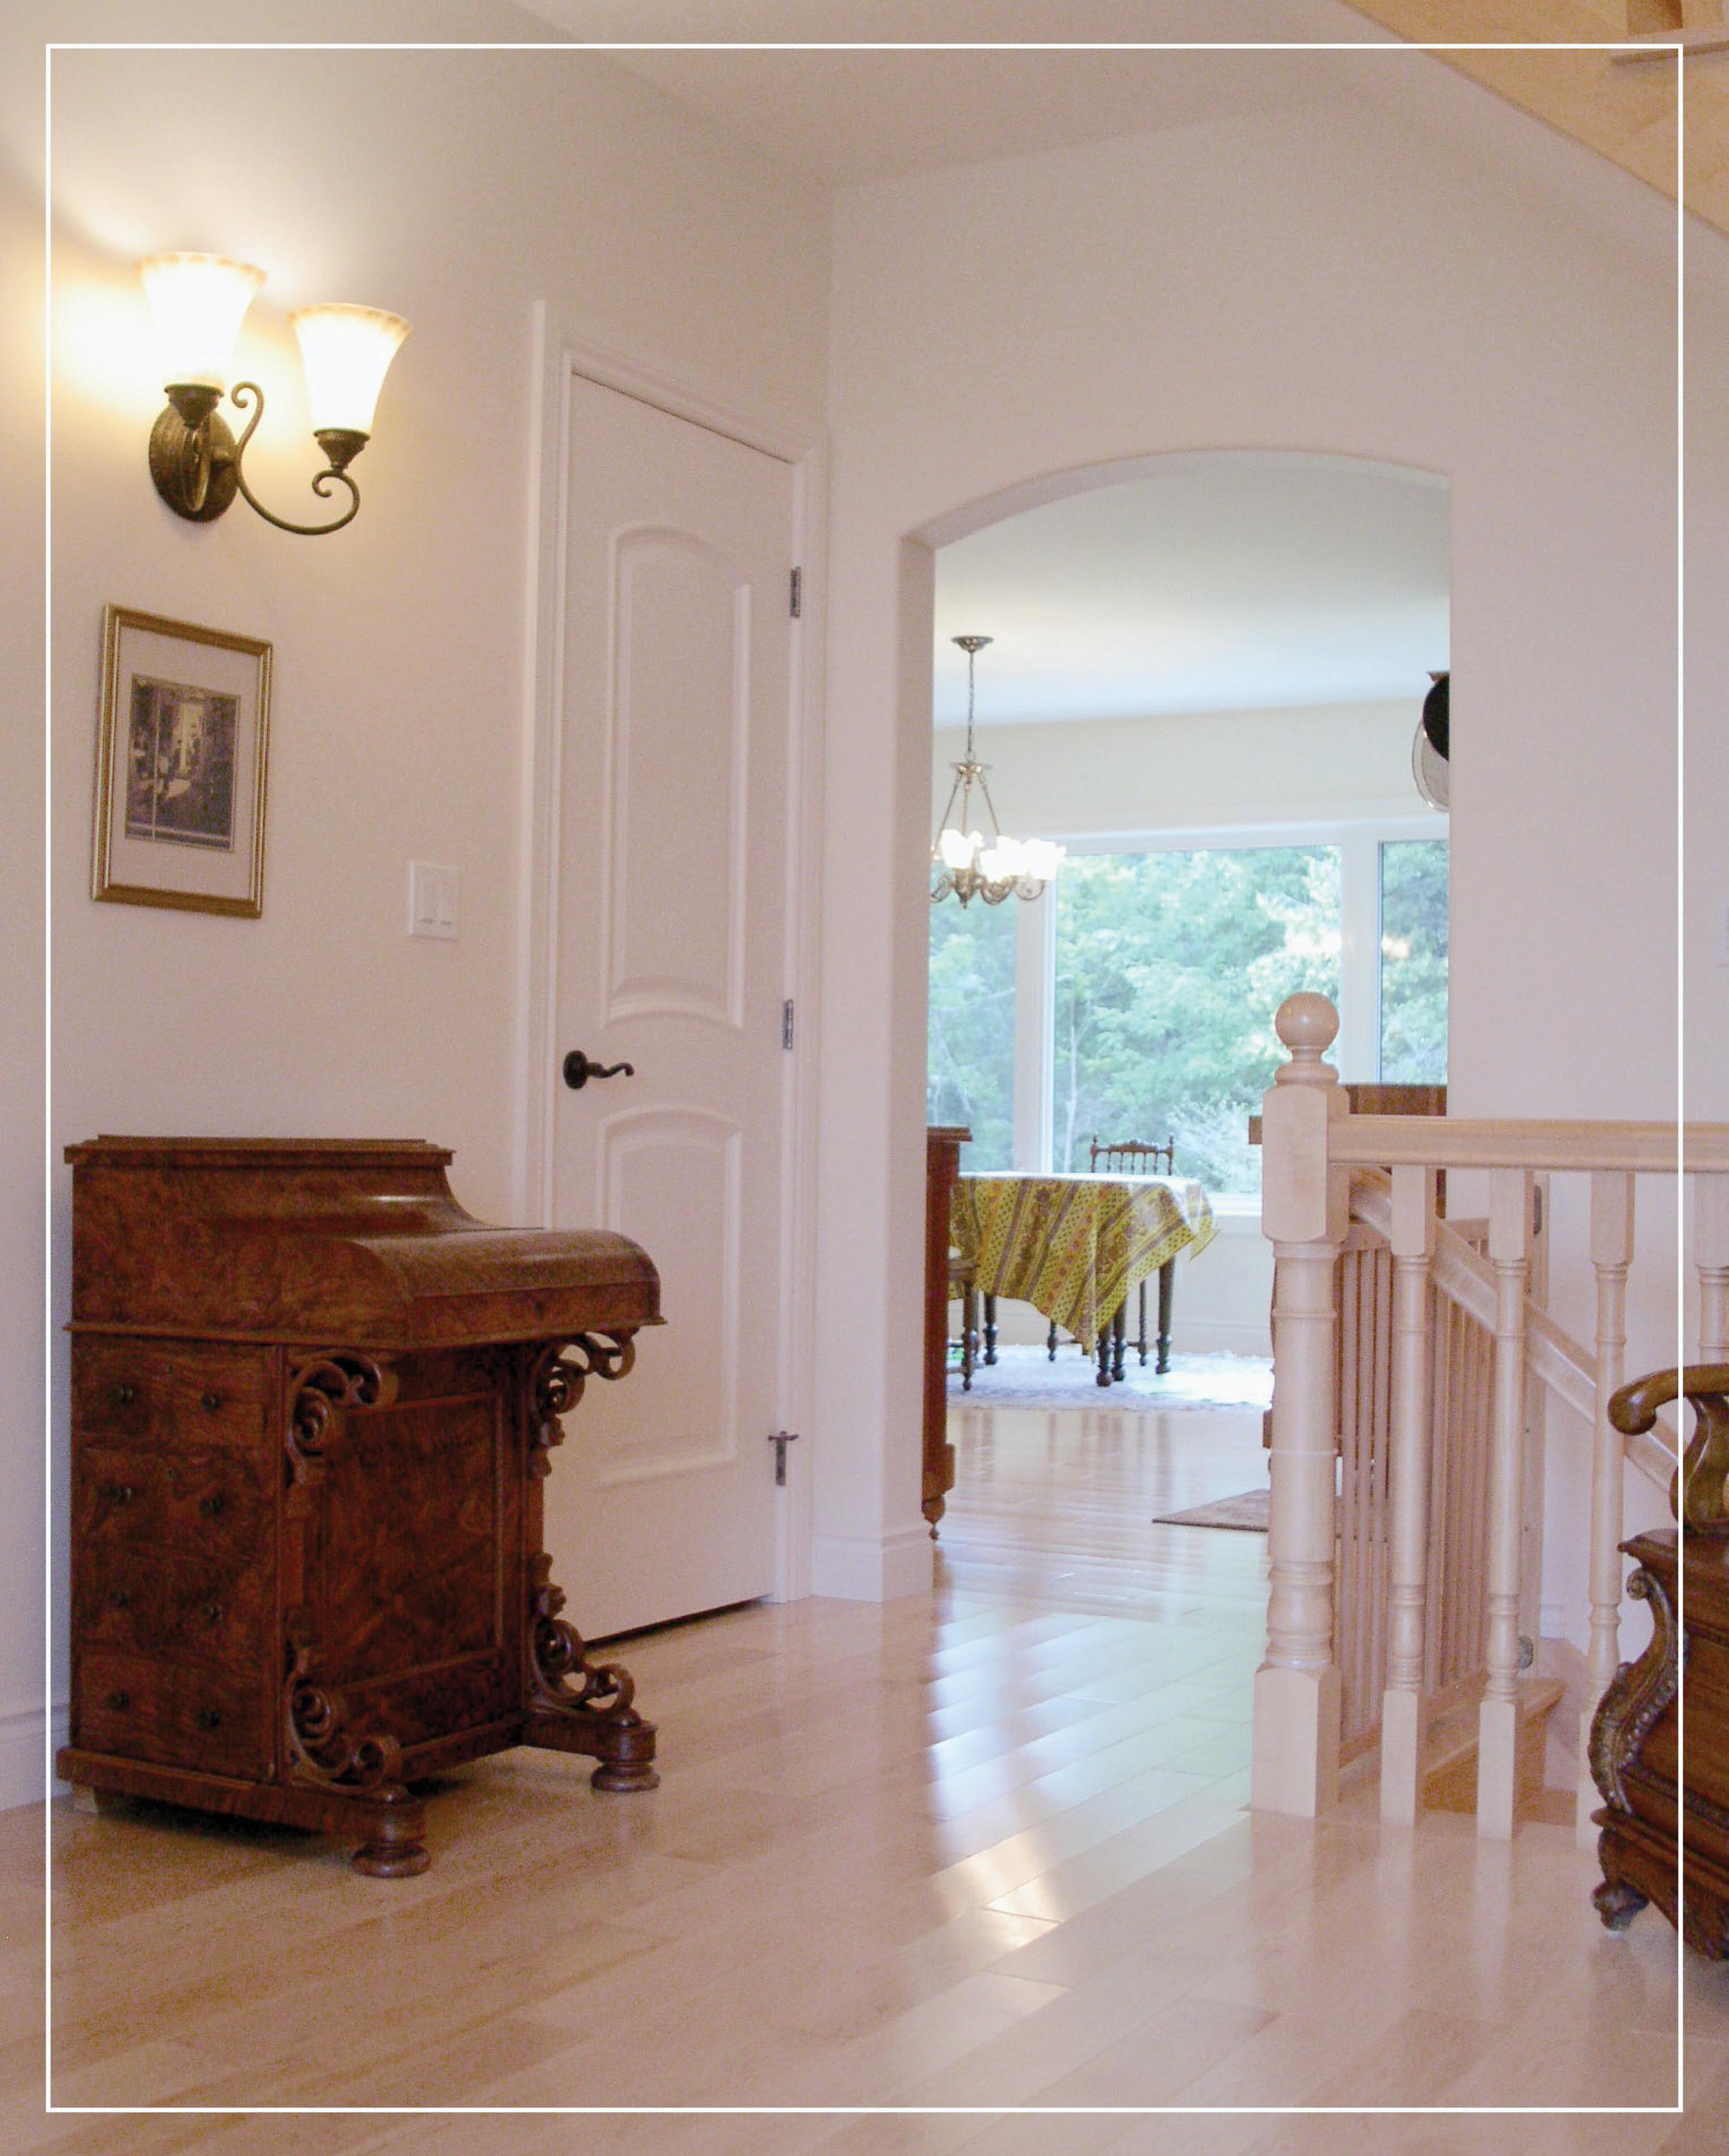 Krepstakies_webimages_JAN14_Living Spaces.jpg